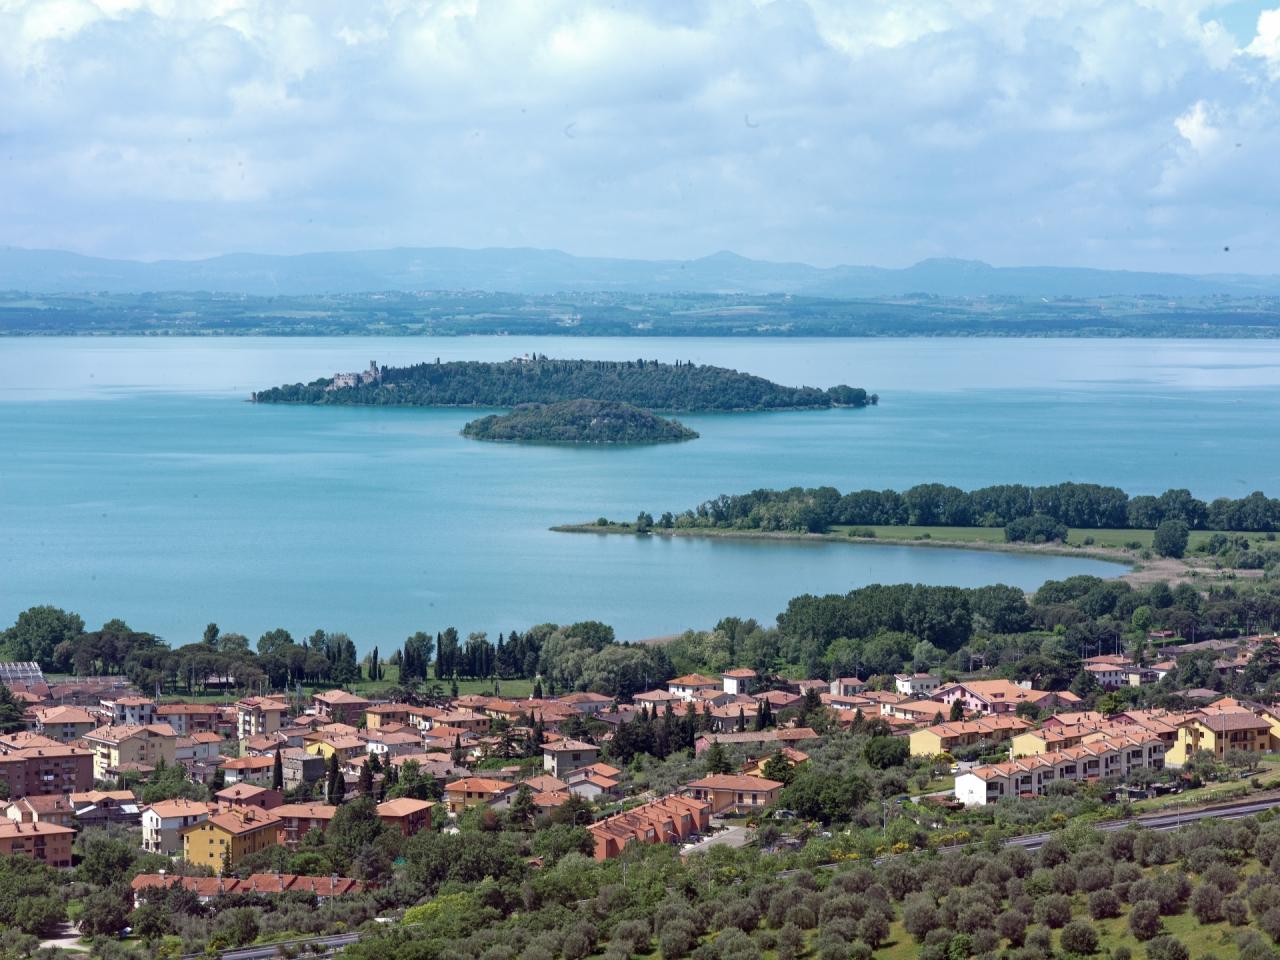 79b45fbe fae0 7537 2db1 38ebc7fec19d - 5 Danau Menakjubkan yang Terdapat di Kawasan Italia